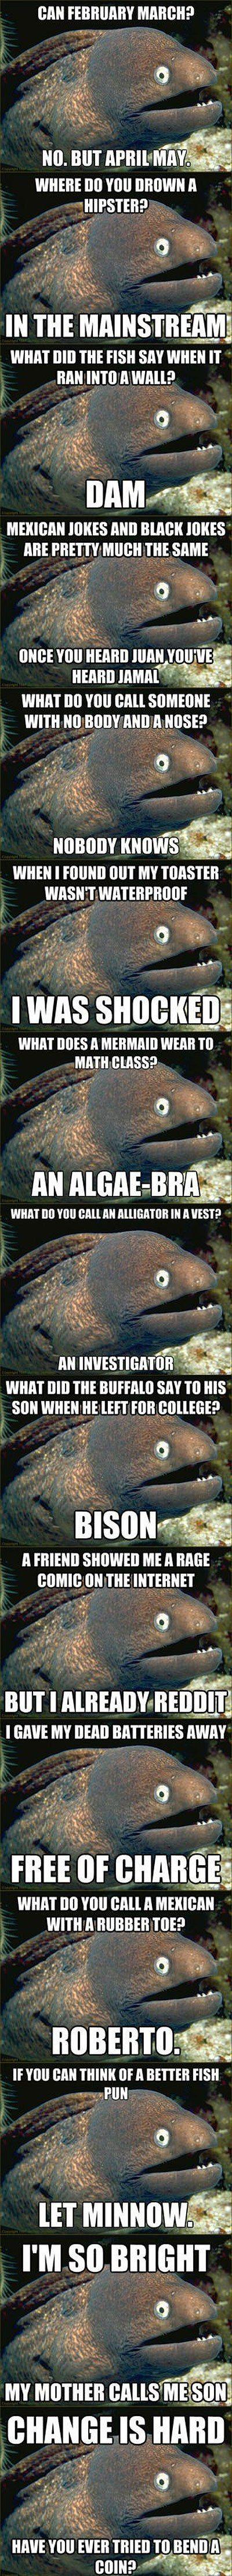 The Best of Bad Joke Eel - LOL, Damn!--Funny Pictures!--